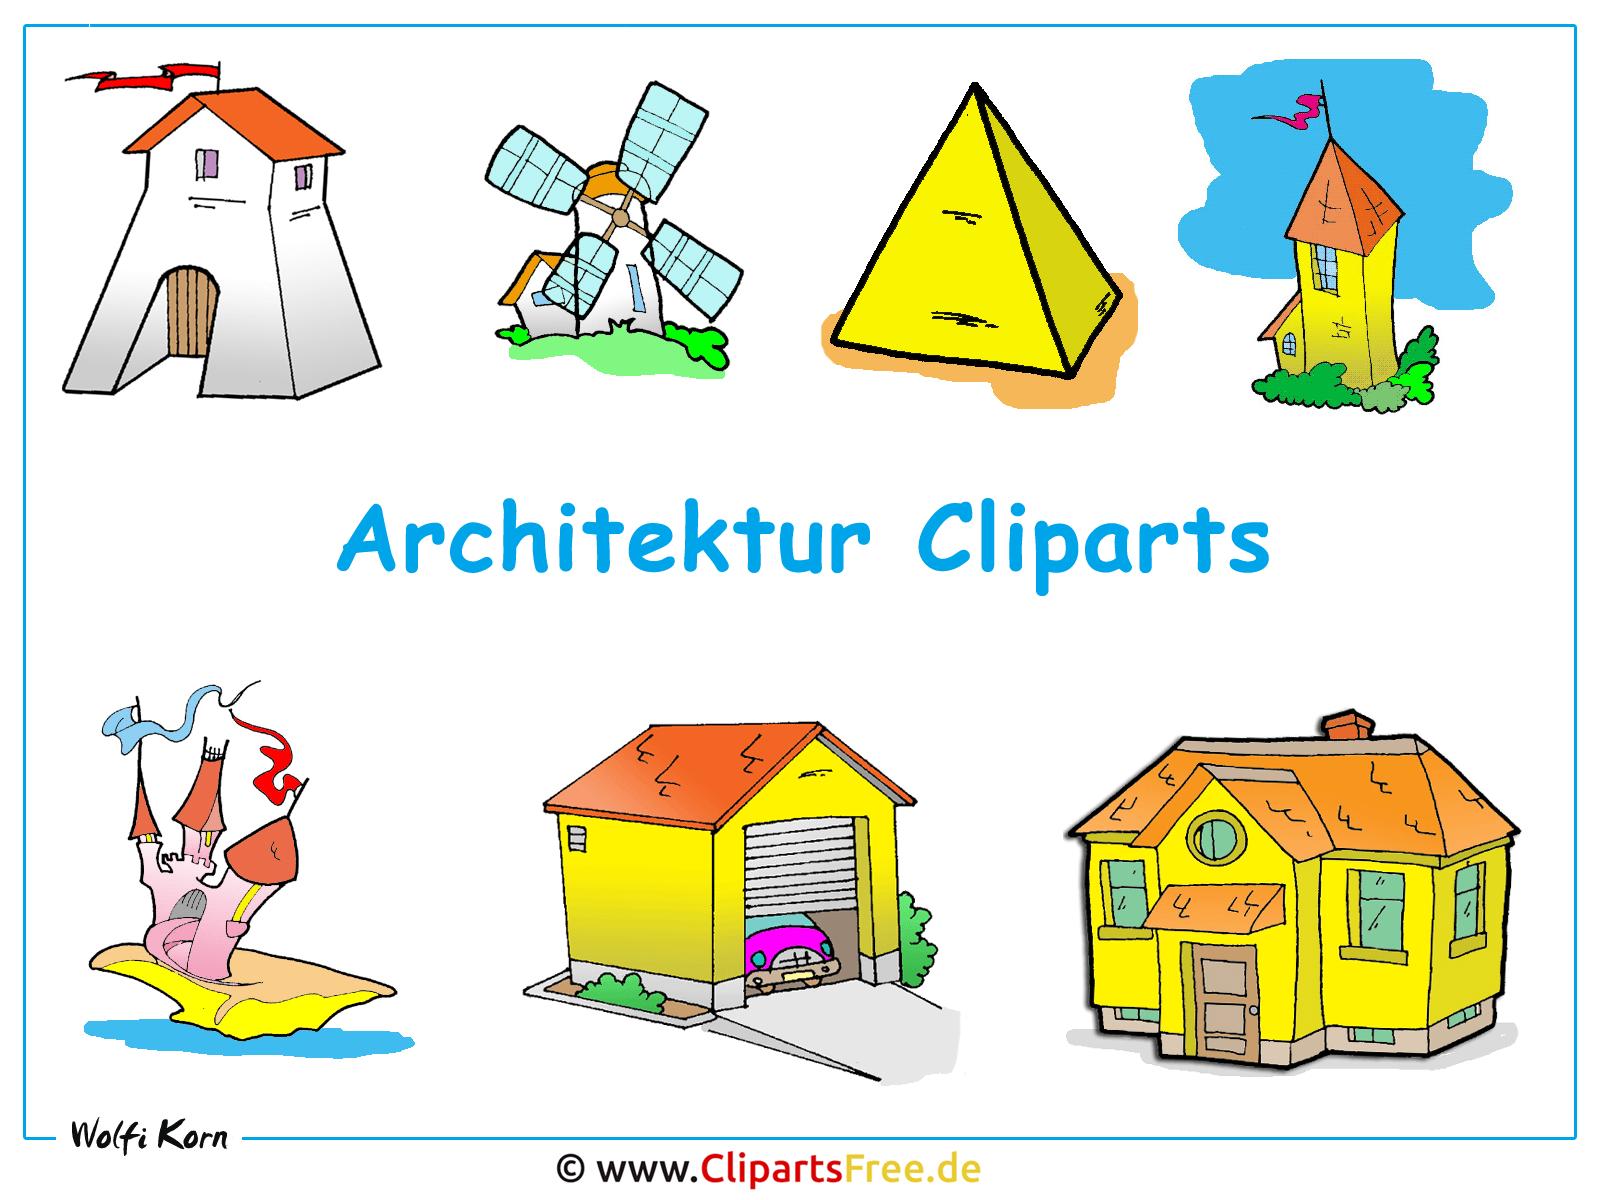 Haus baustelle clipart  Architektur Bilder Clipart - Desktopbild kostenlos